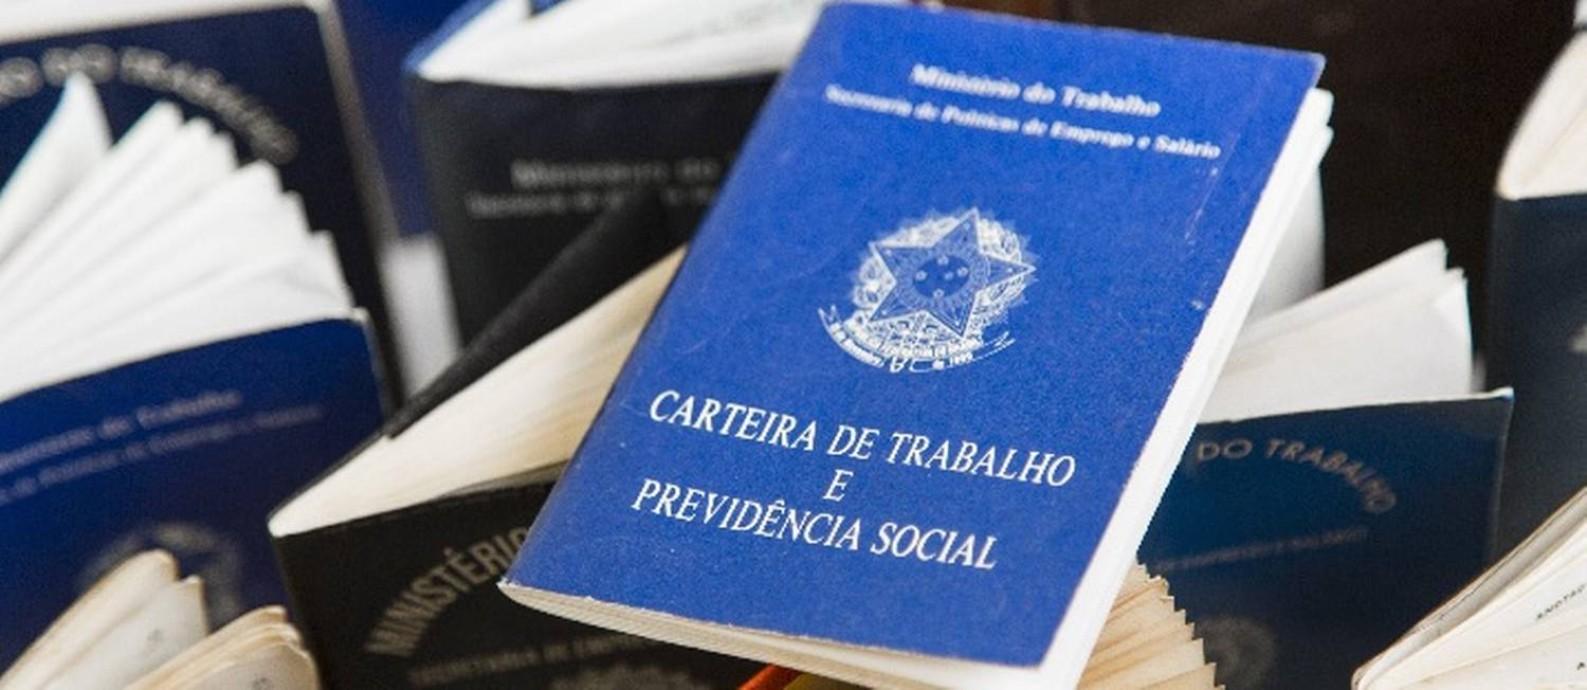 Novas alíquotas previdenciárias entram em vigor Foto: Agência O Globo